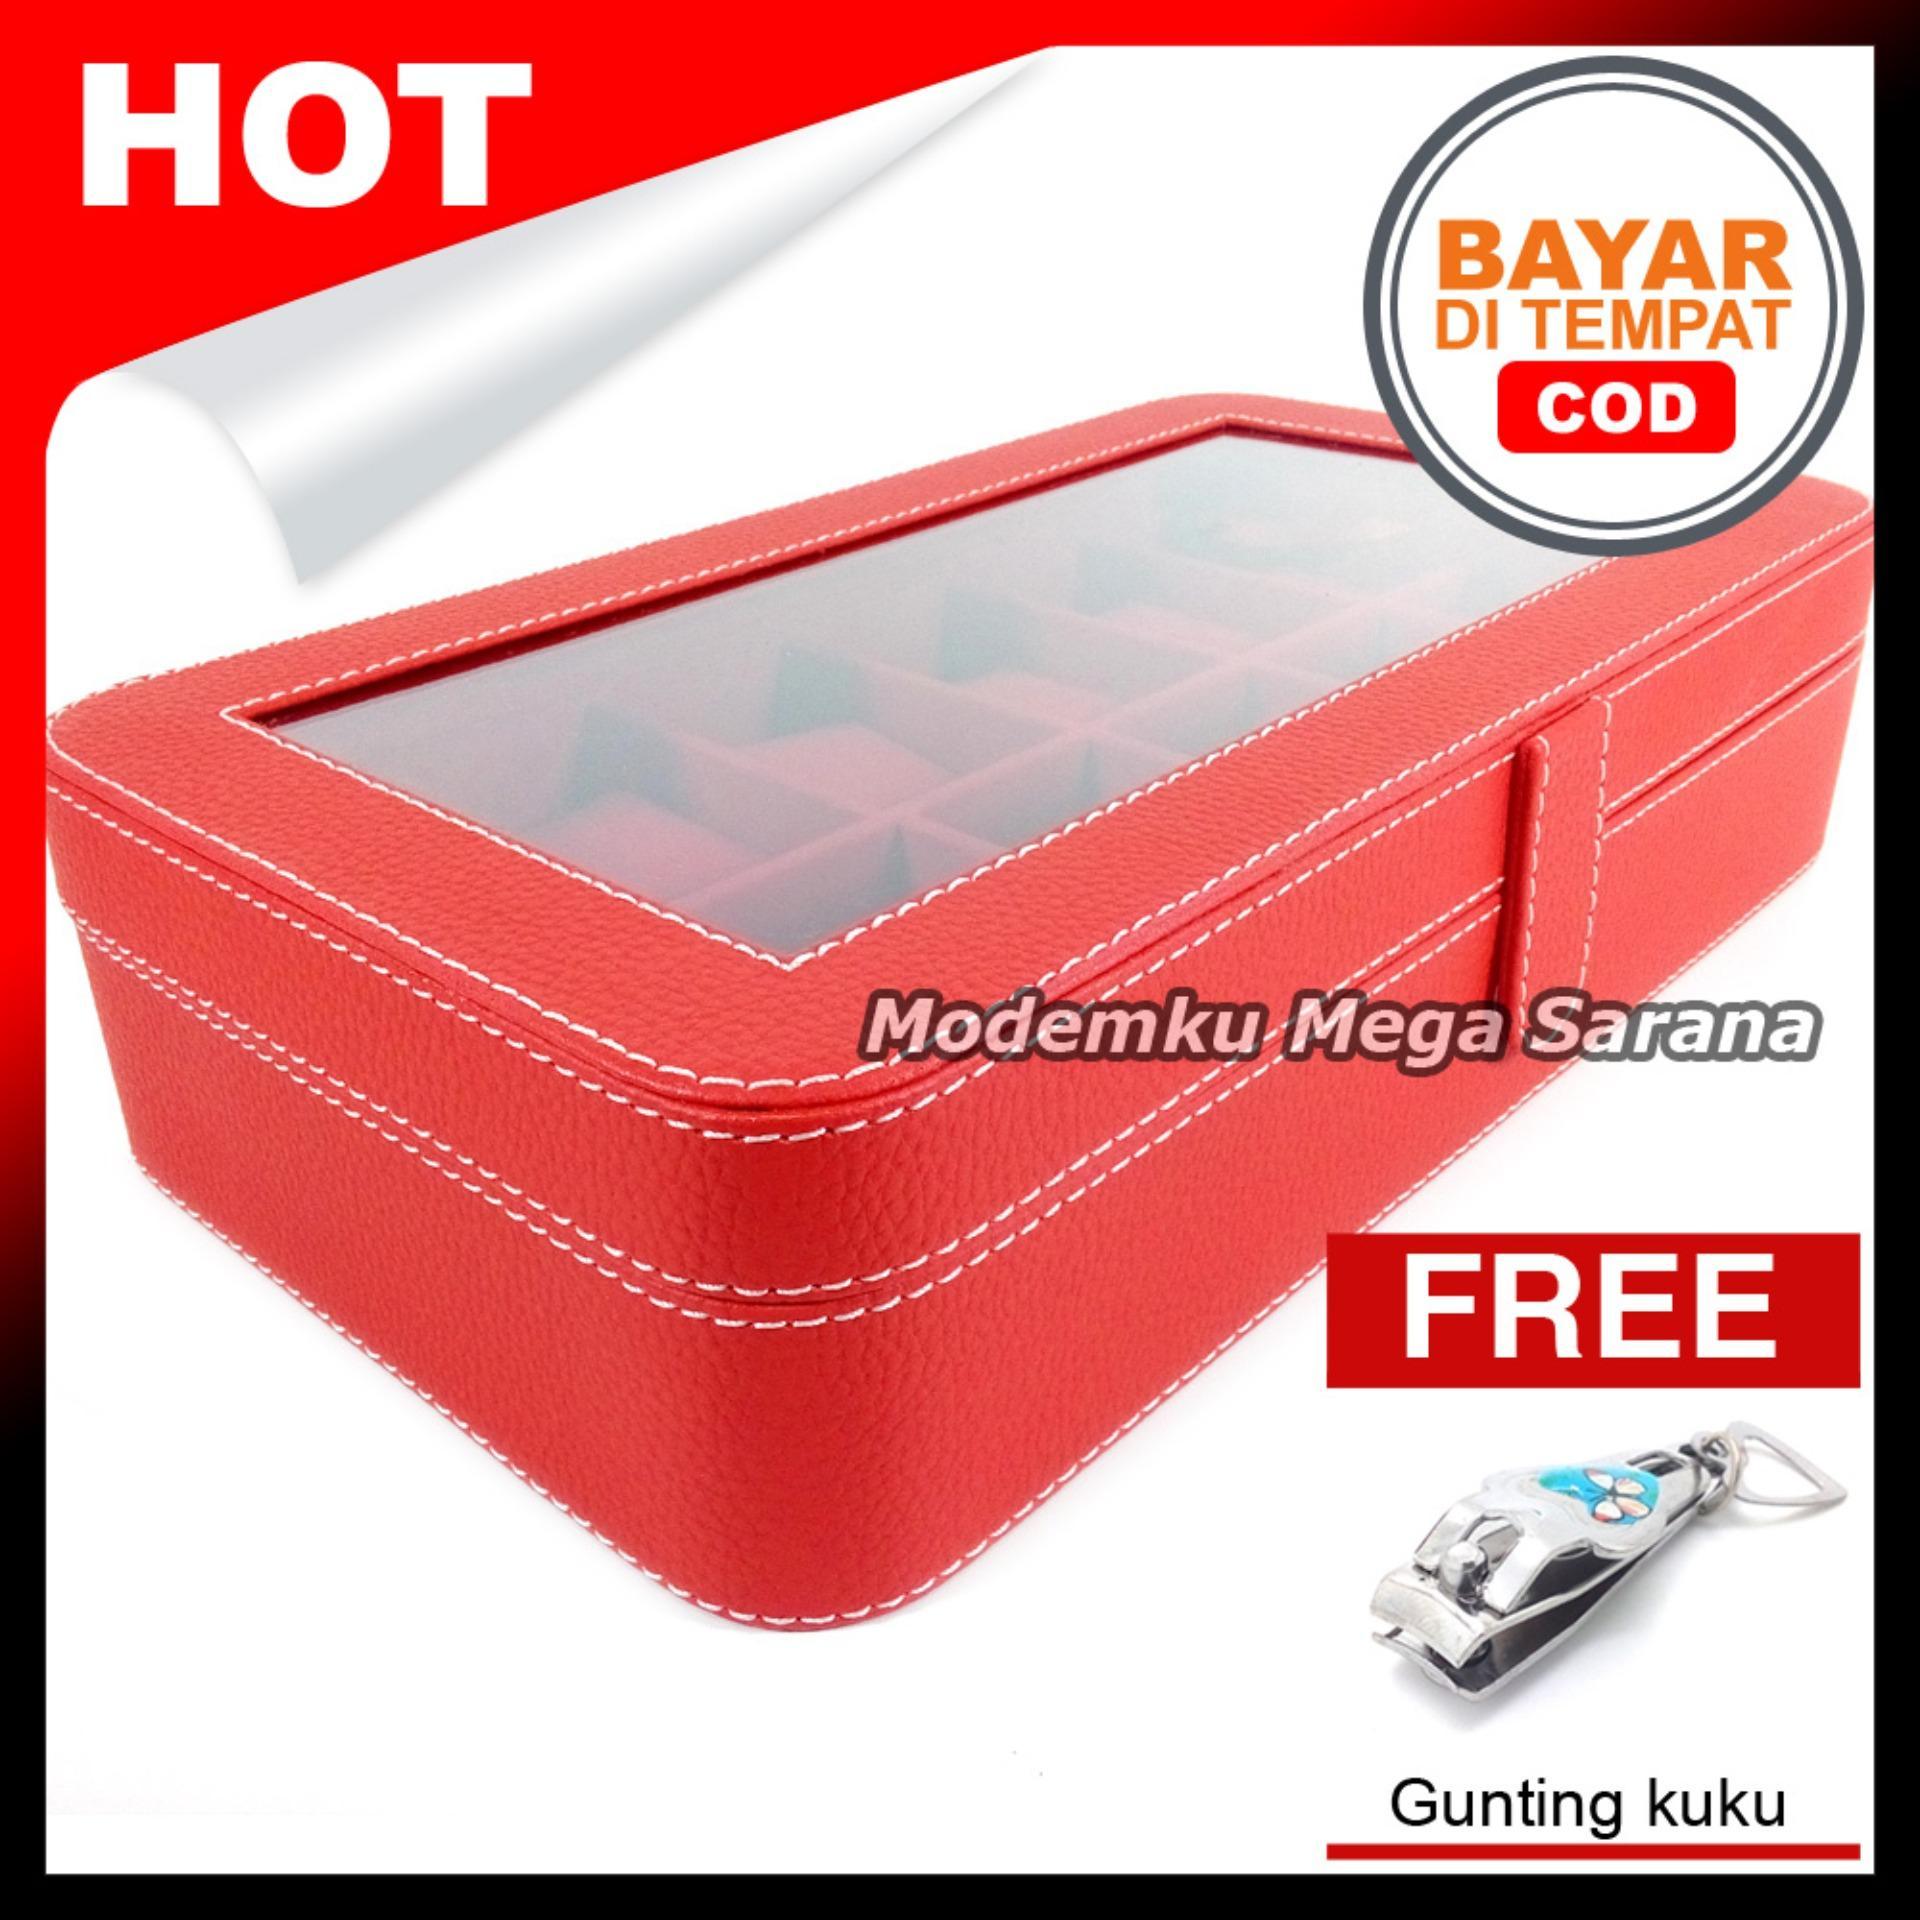 Kerajinan Jogja Kotak Jam Tangan Isi 12 Oval Tempat  Box Jam Tangan - Merah dlm Merah + Gratis Gunting Kuku